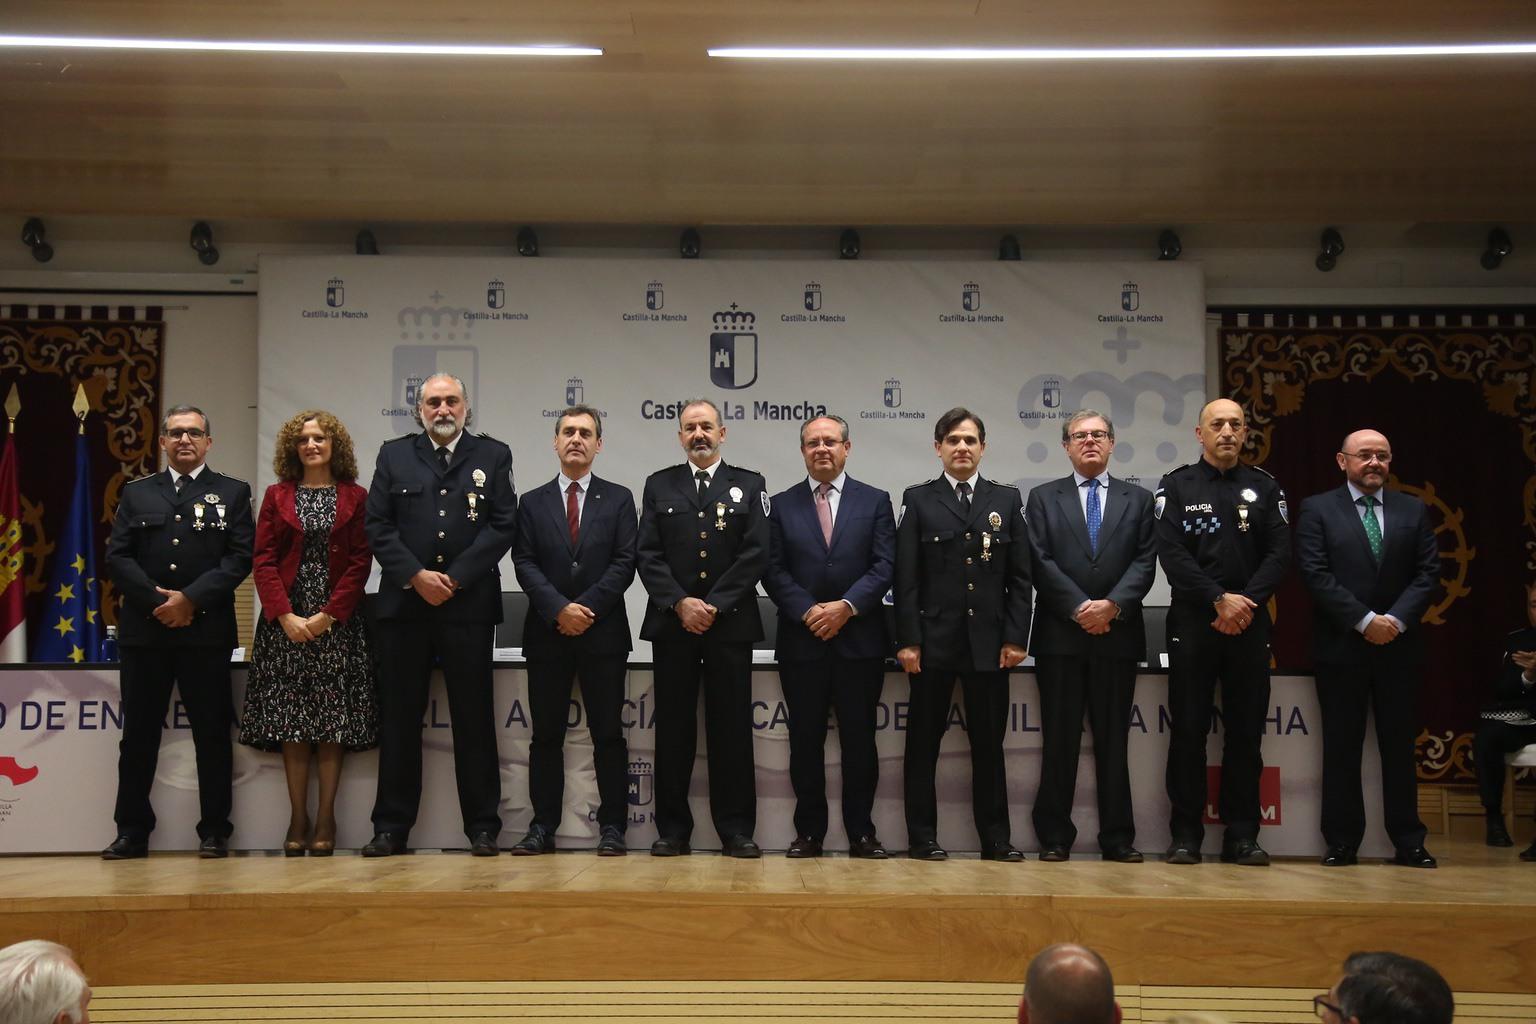 Julián Moreno condecorado por su servicio activo durante 30 años en la policía local1 - Julián Moreno, condecorado por su servicio activo durante 30 años en la policía local